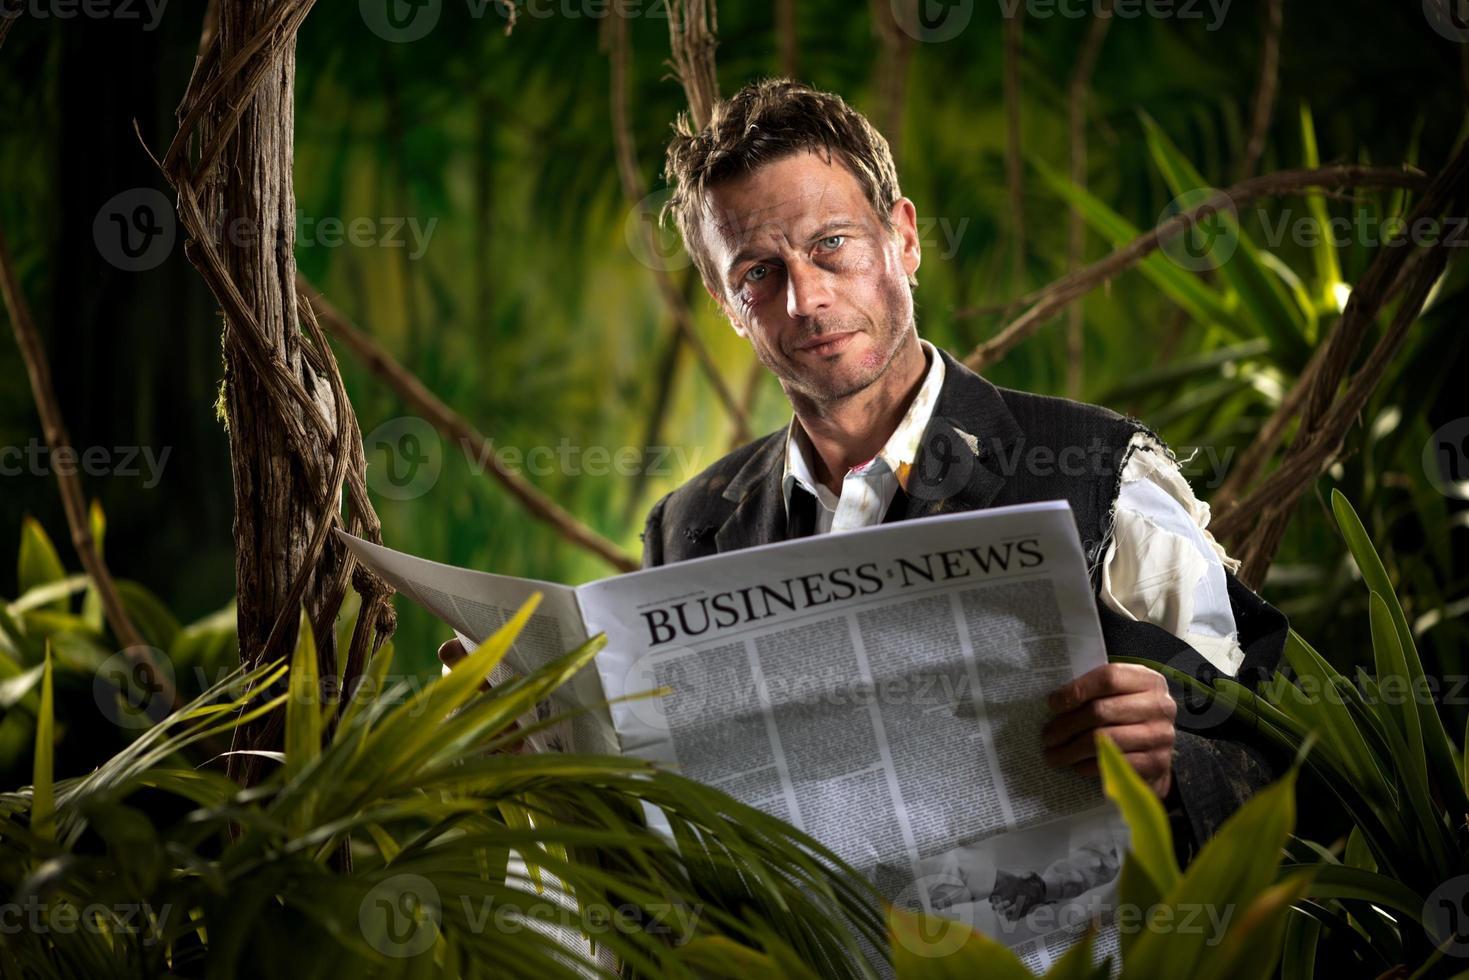 affärsman som läser finansiella nyheter i djungeln foto